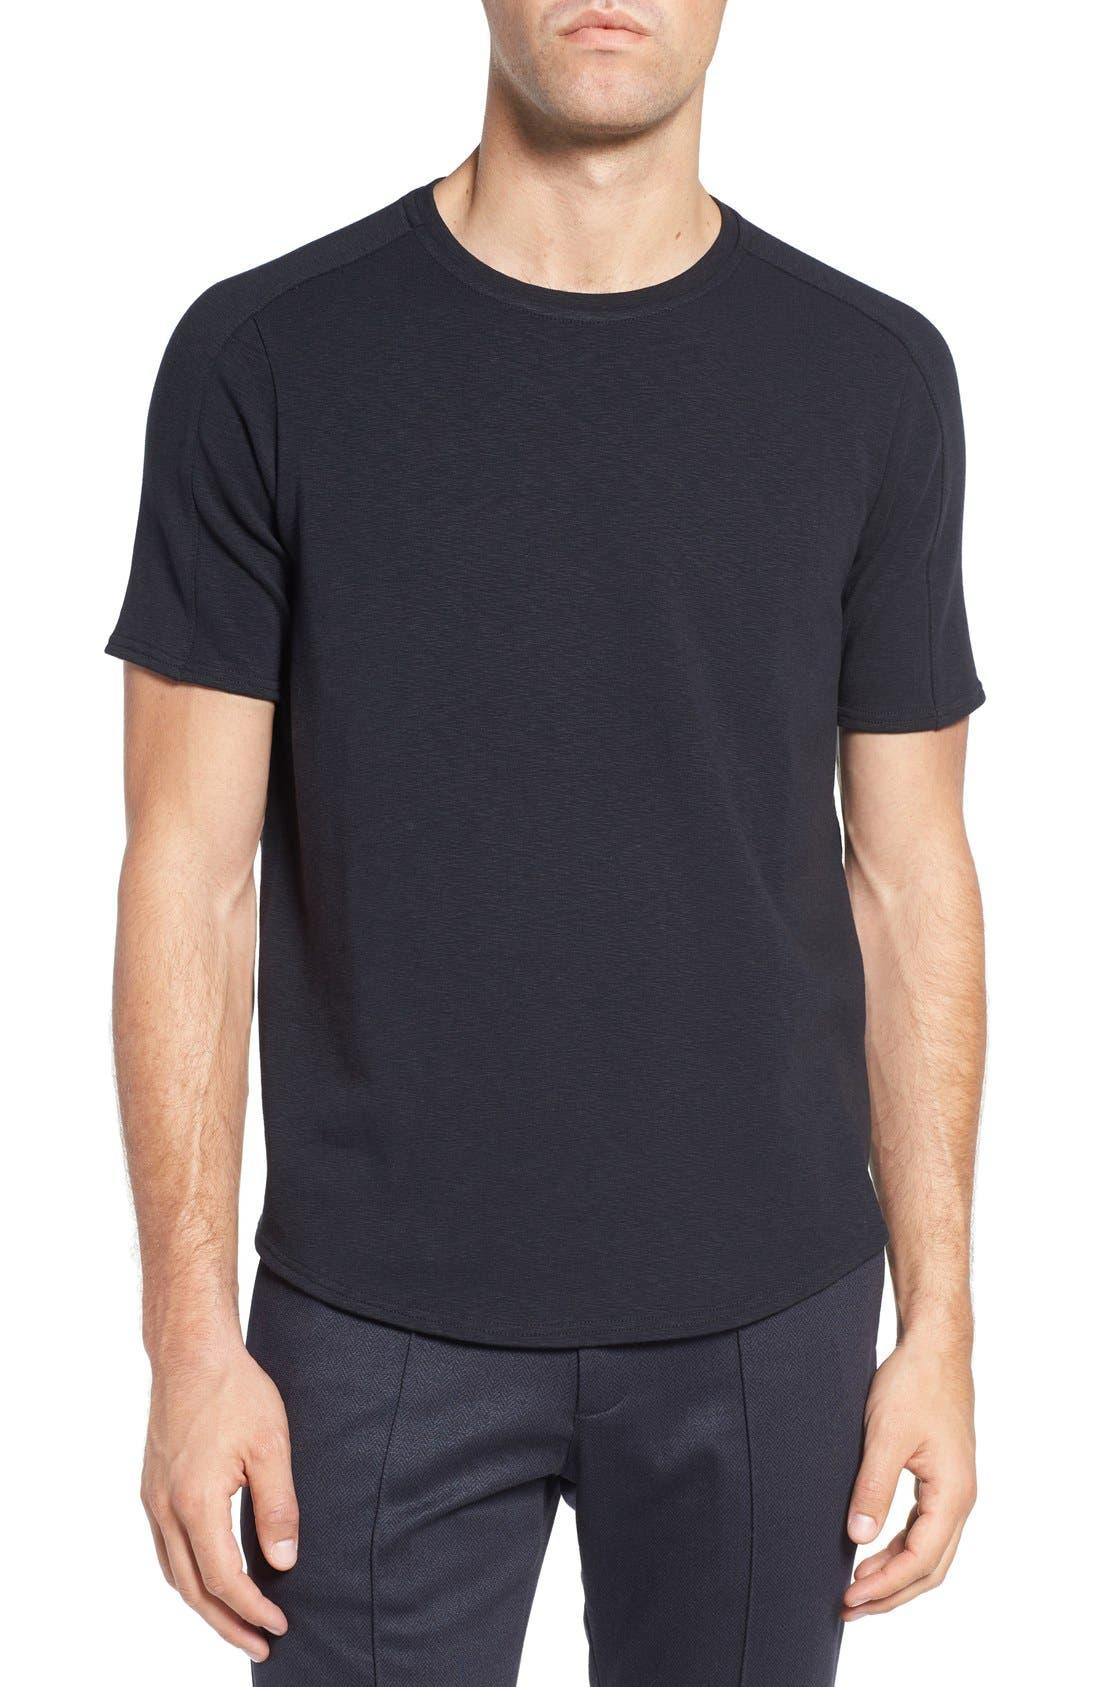 Douglas Cotton Blend T-Shirt,                             Main thumbnail 1, color,                             Black